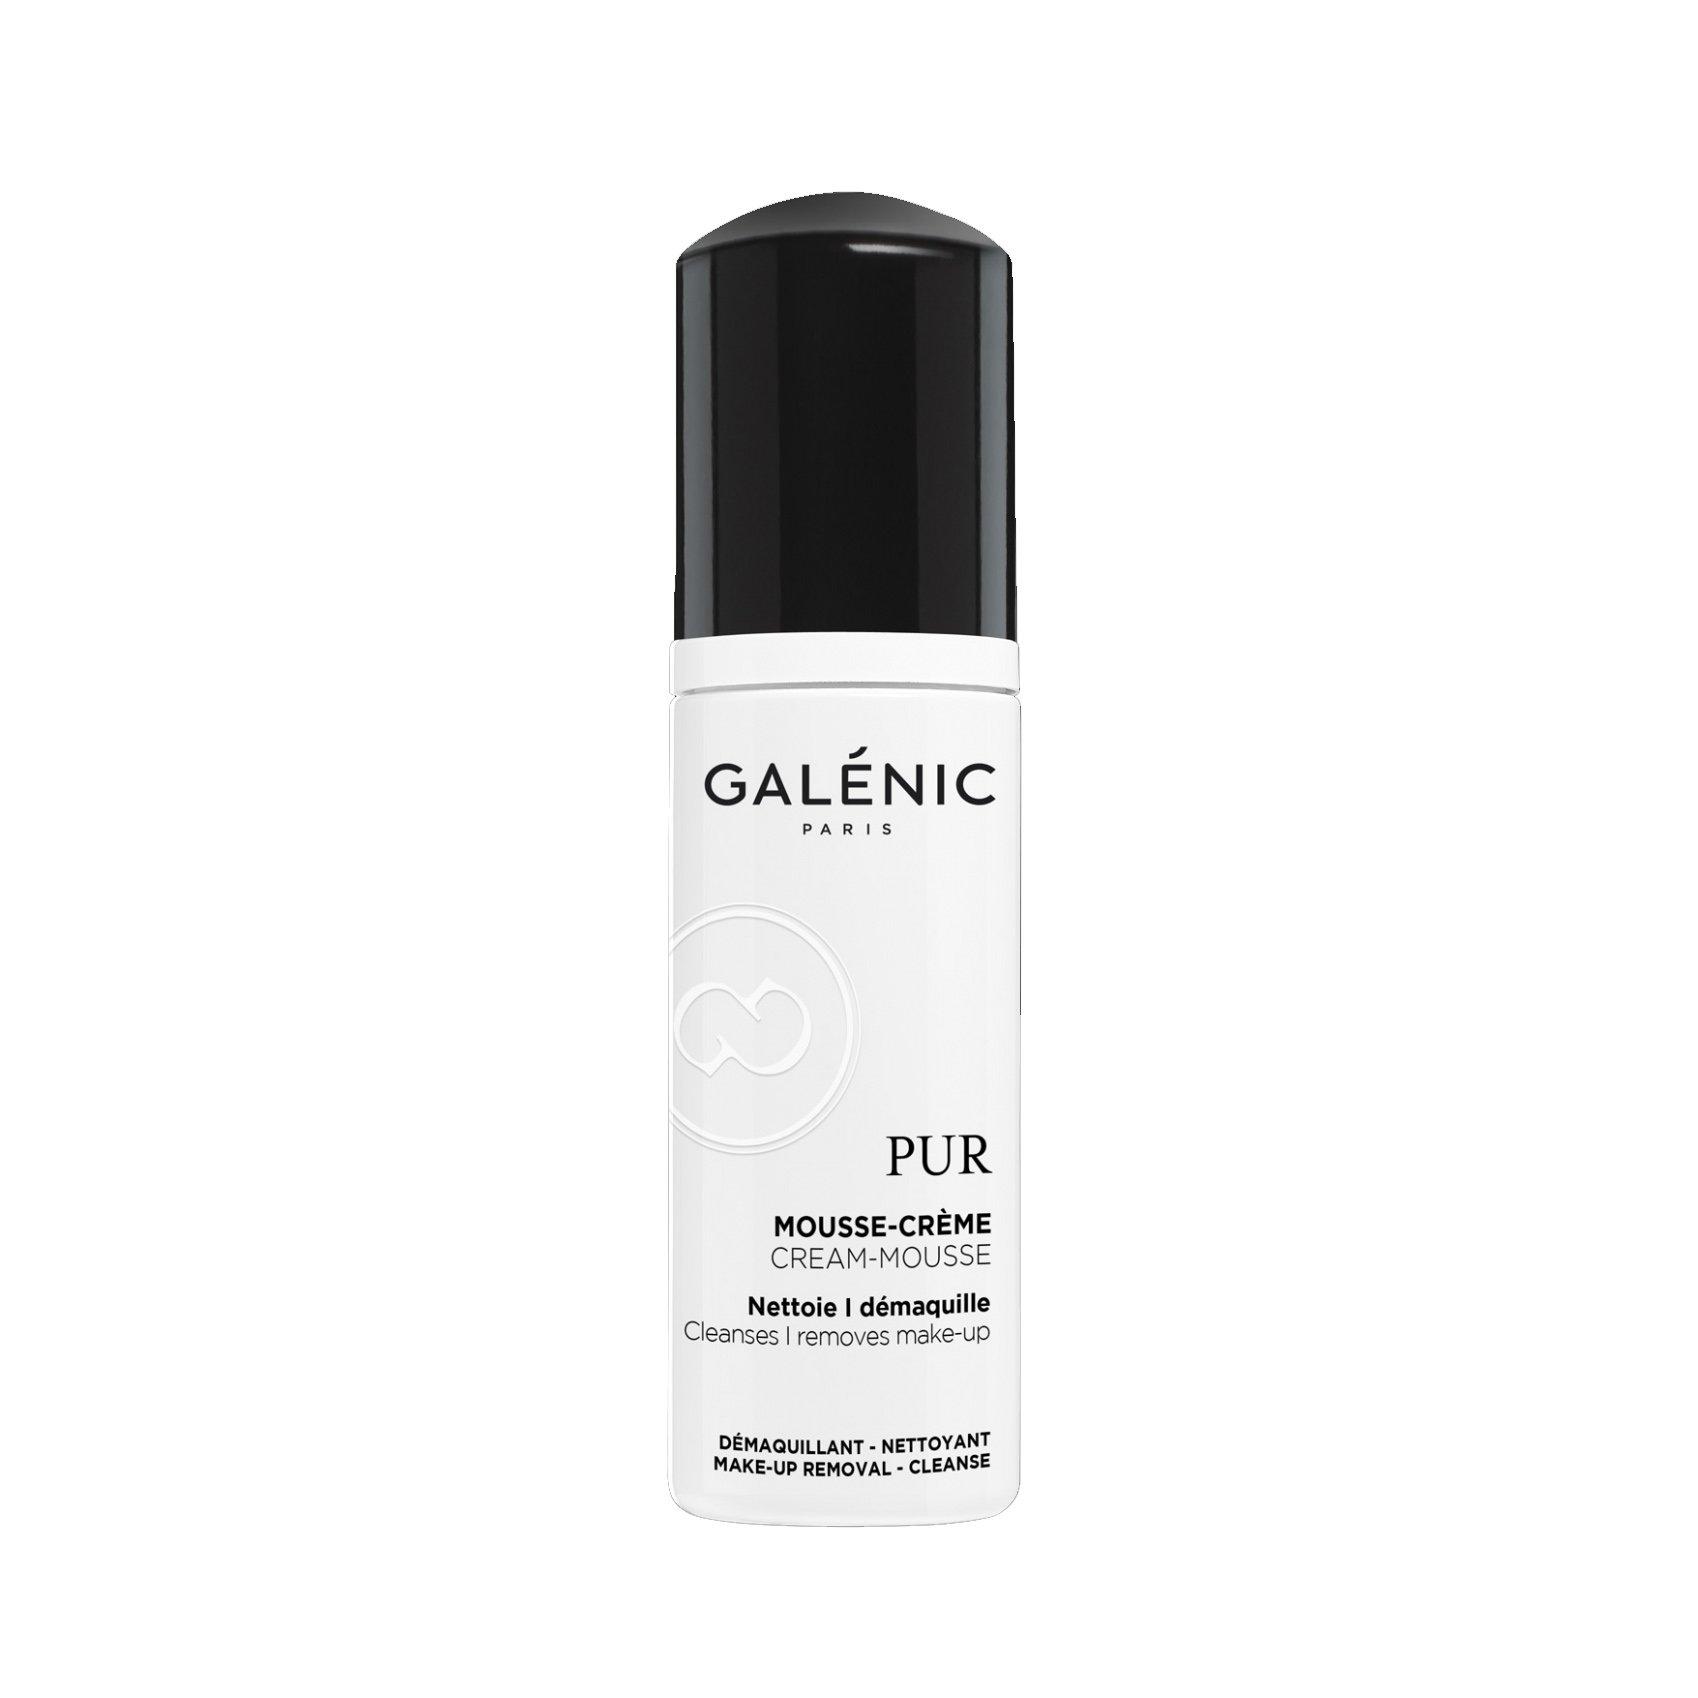 Galenic Pur Mousse-Creme Αφρός Καθαρισμού & Ντεμακιγιάζ για το Πρόσωπο 150ml